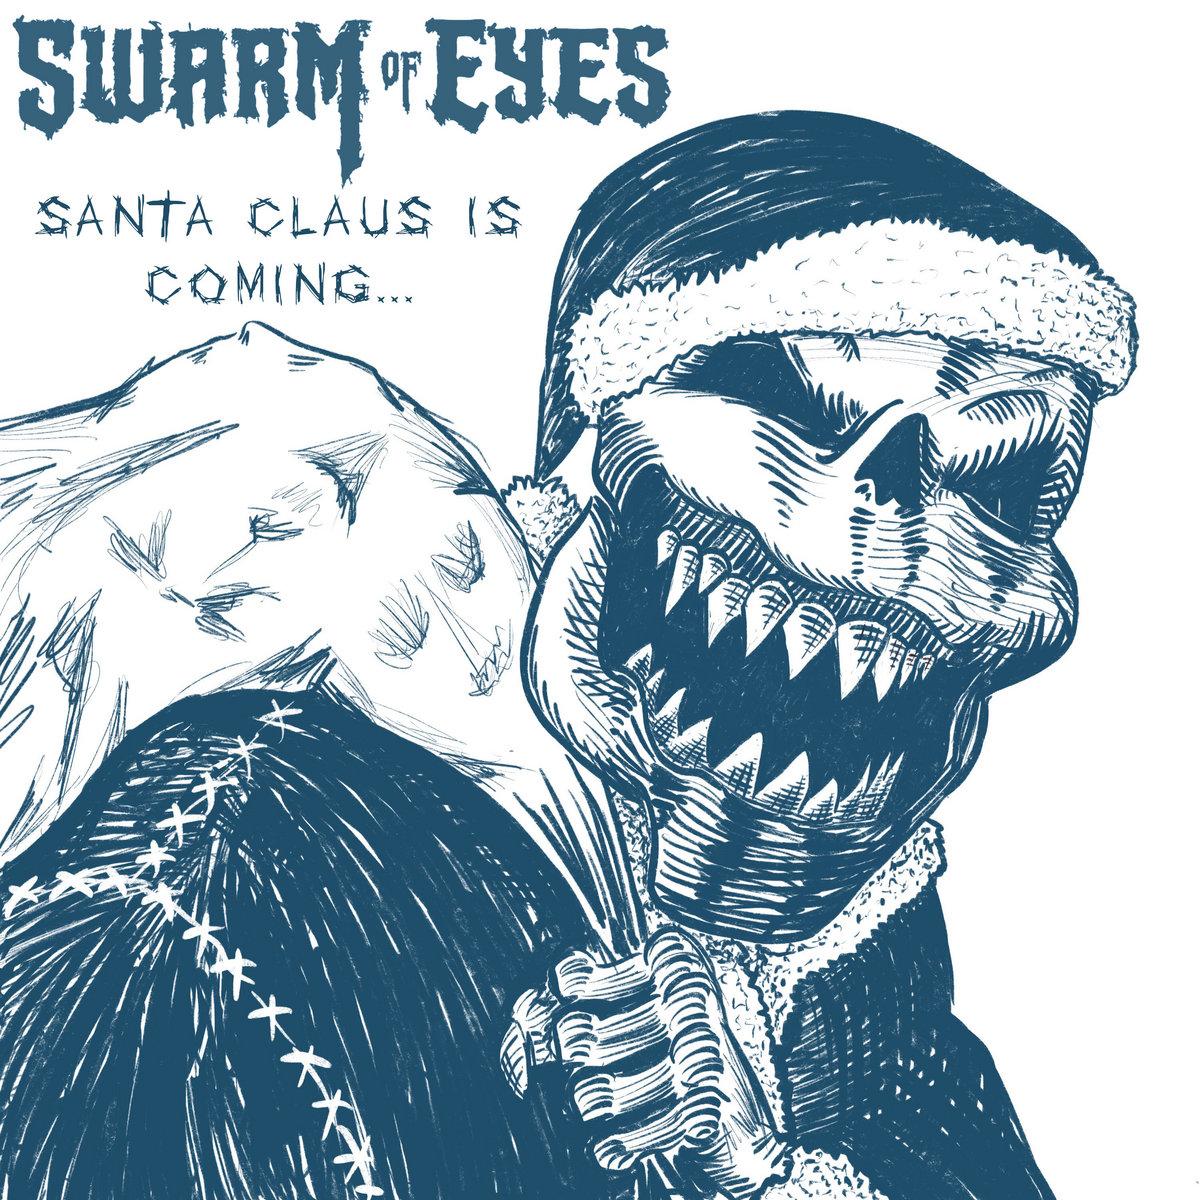 Santa Claus is Coming | Swarm of Eyes